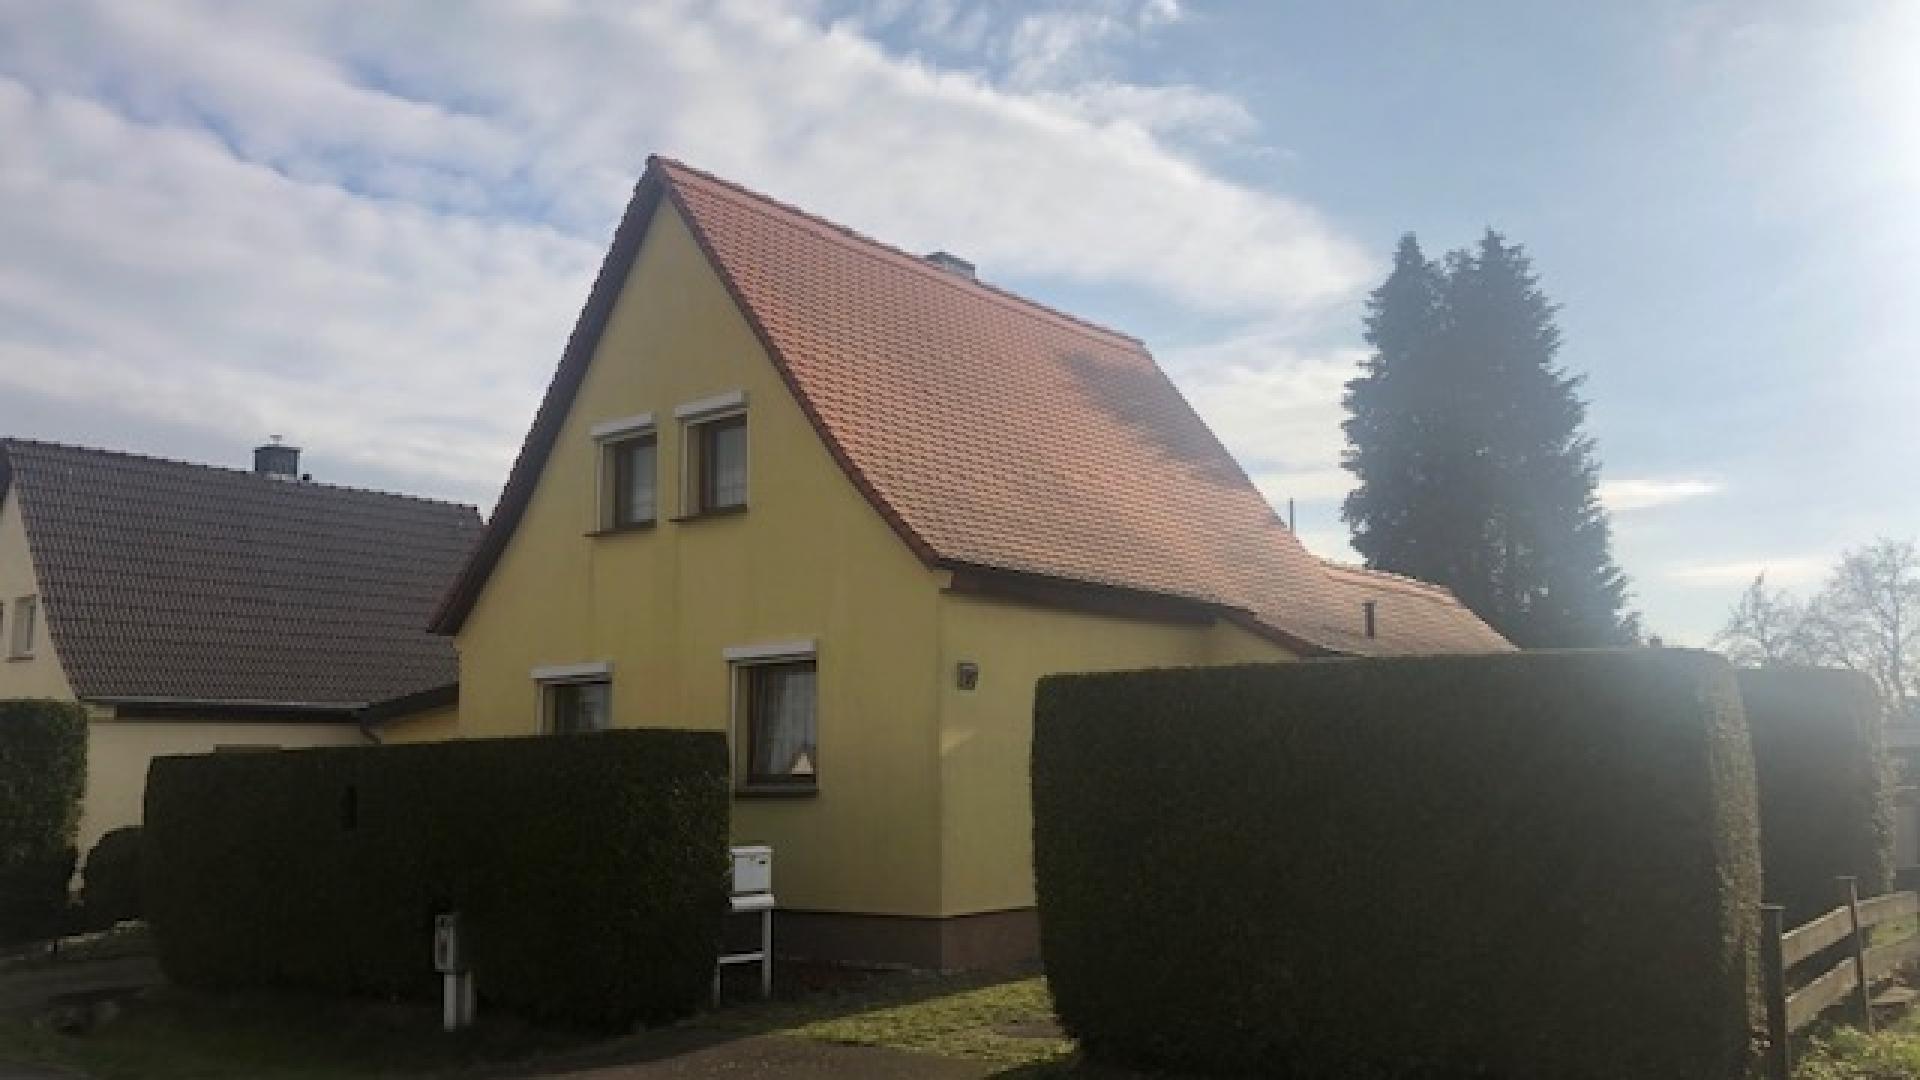 Ihr neues Zuhause in ruhiger Siedlungslage